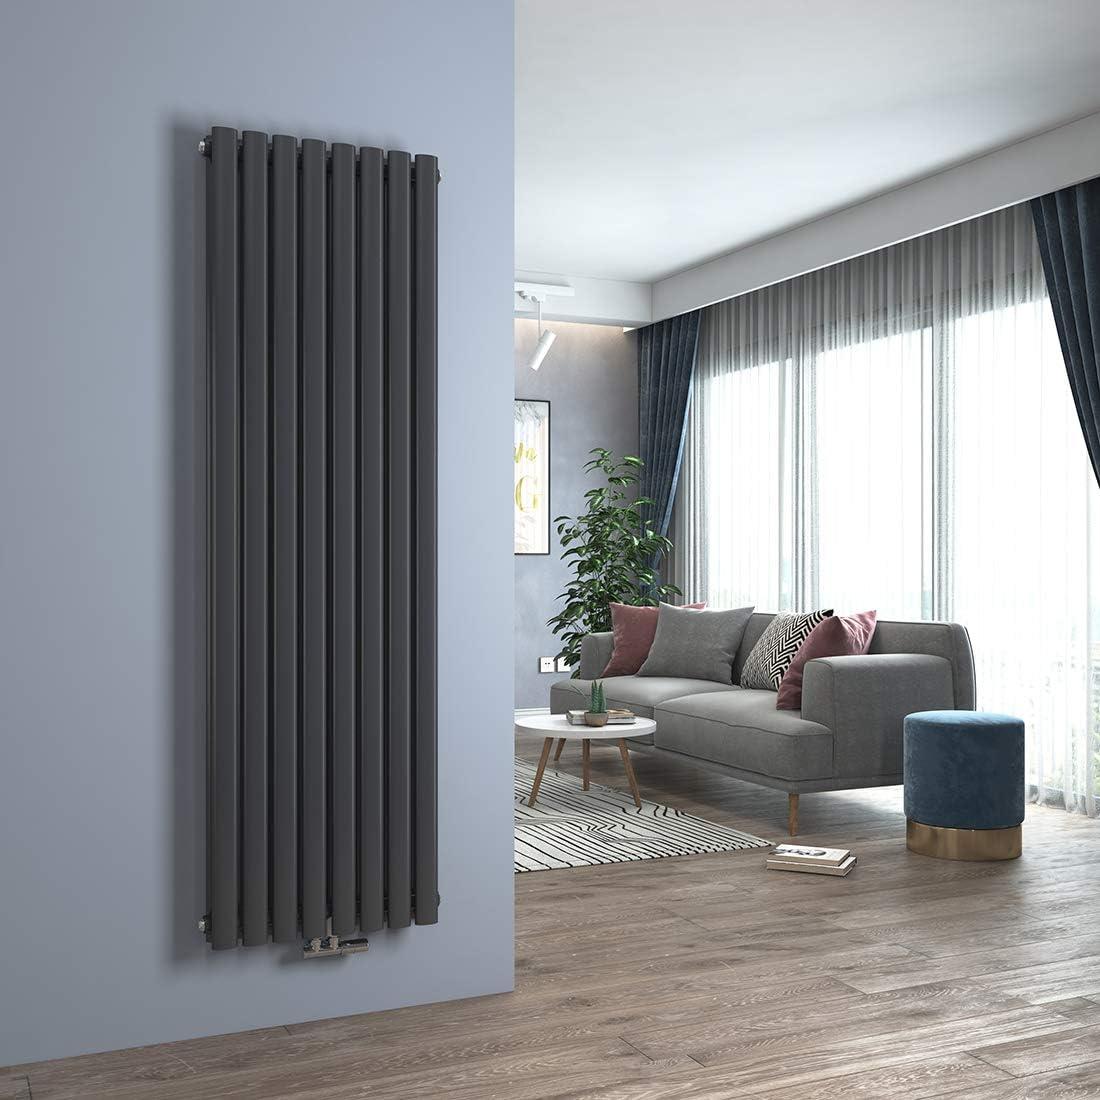 Design Heizk/örper Anthrazit Oval Paneelheizk/örper 600 x 1180 mm Heizung Seitenanschluss Doppellagig Wohnzimmer//Badezimmer Heizk/örper Horizontal